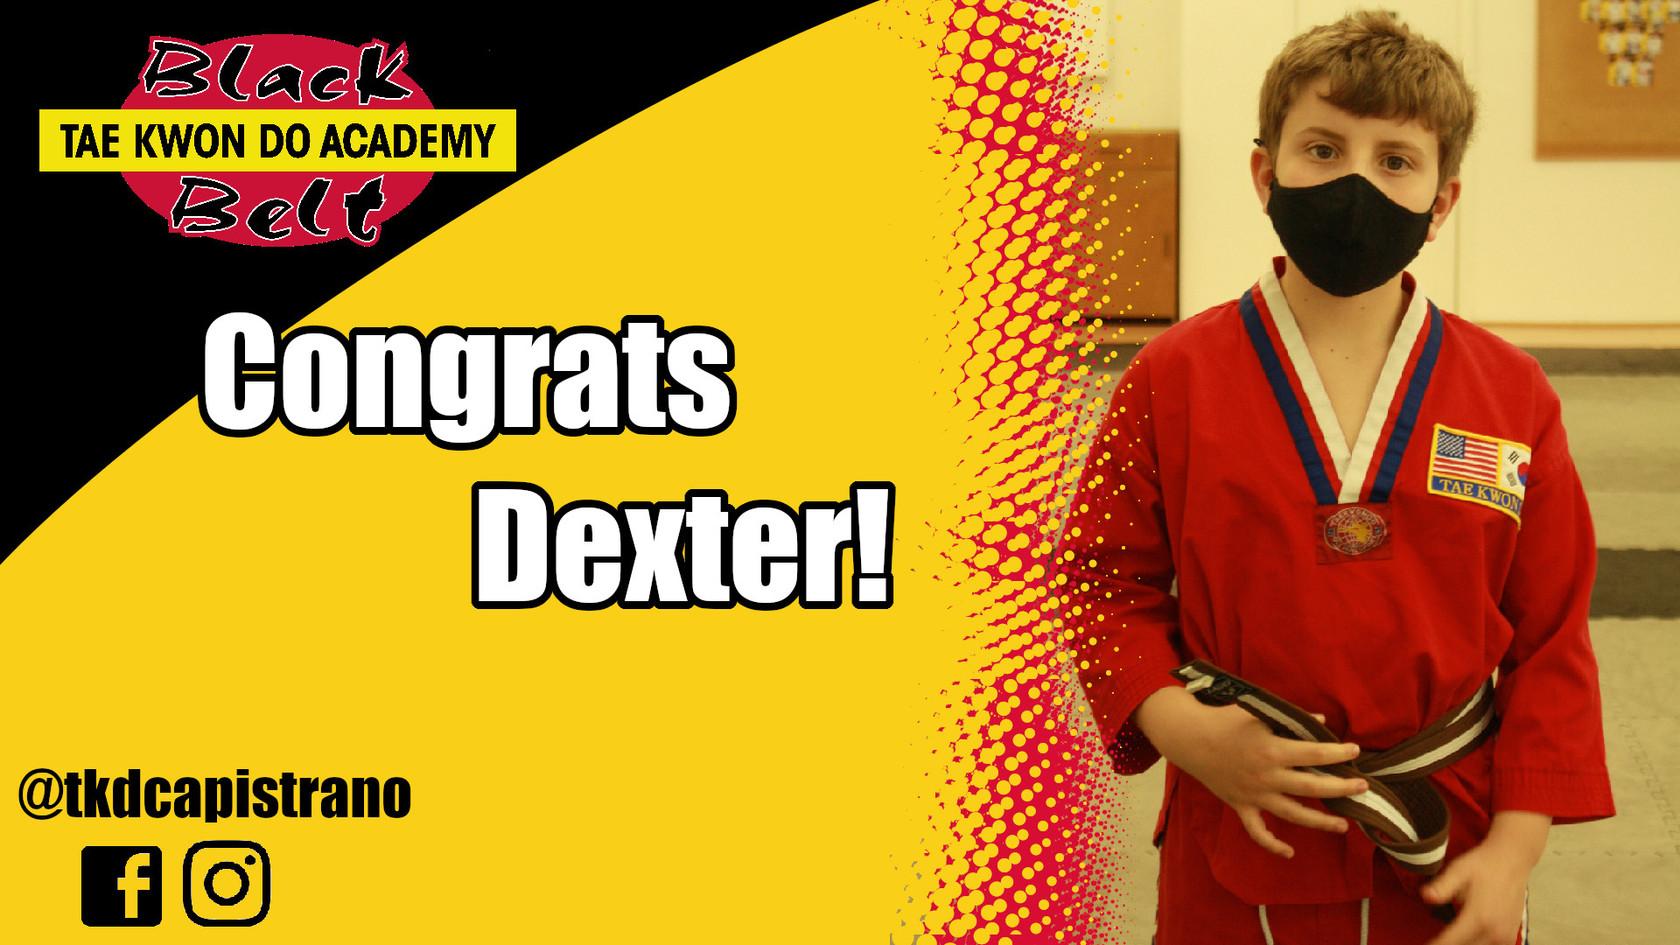 Congrats Dexter!